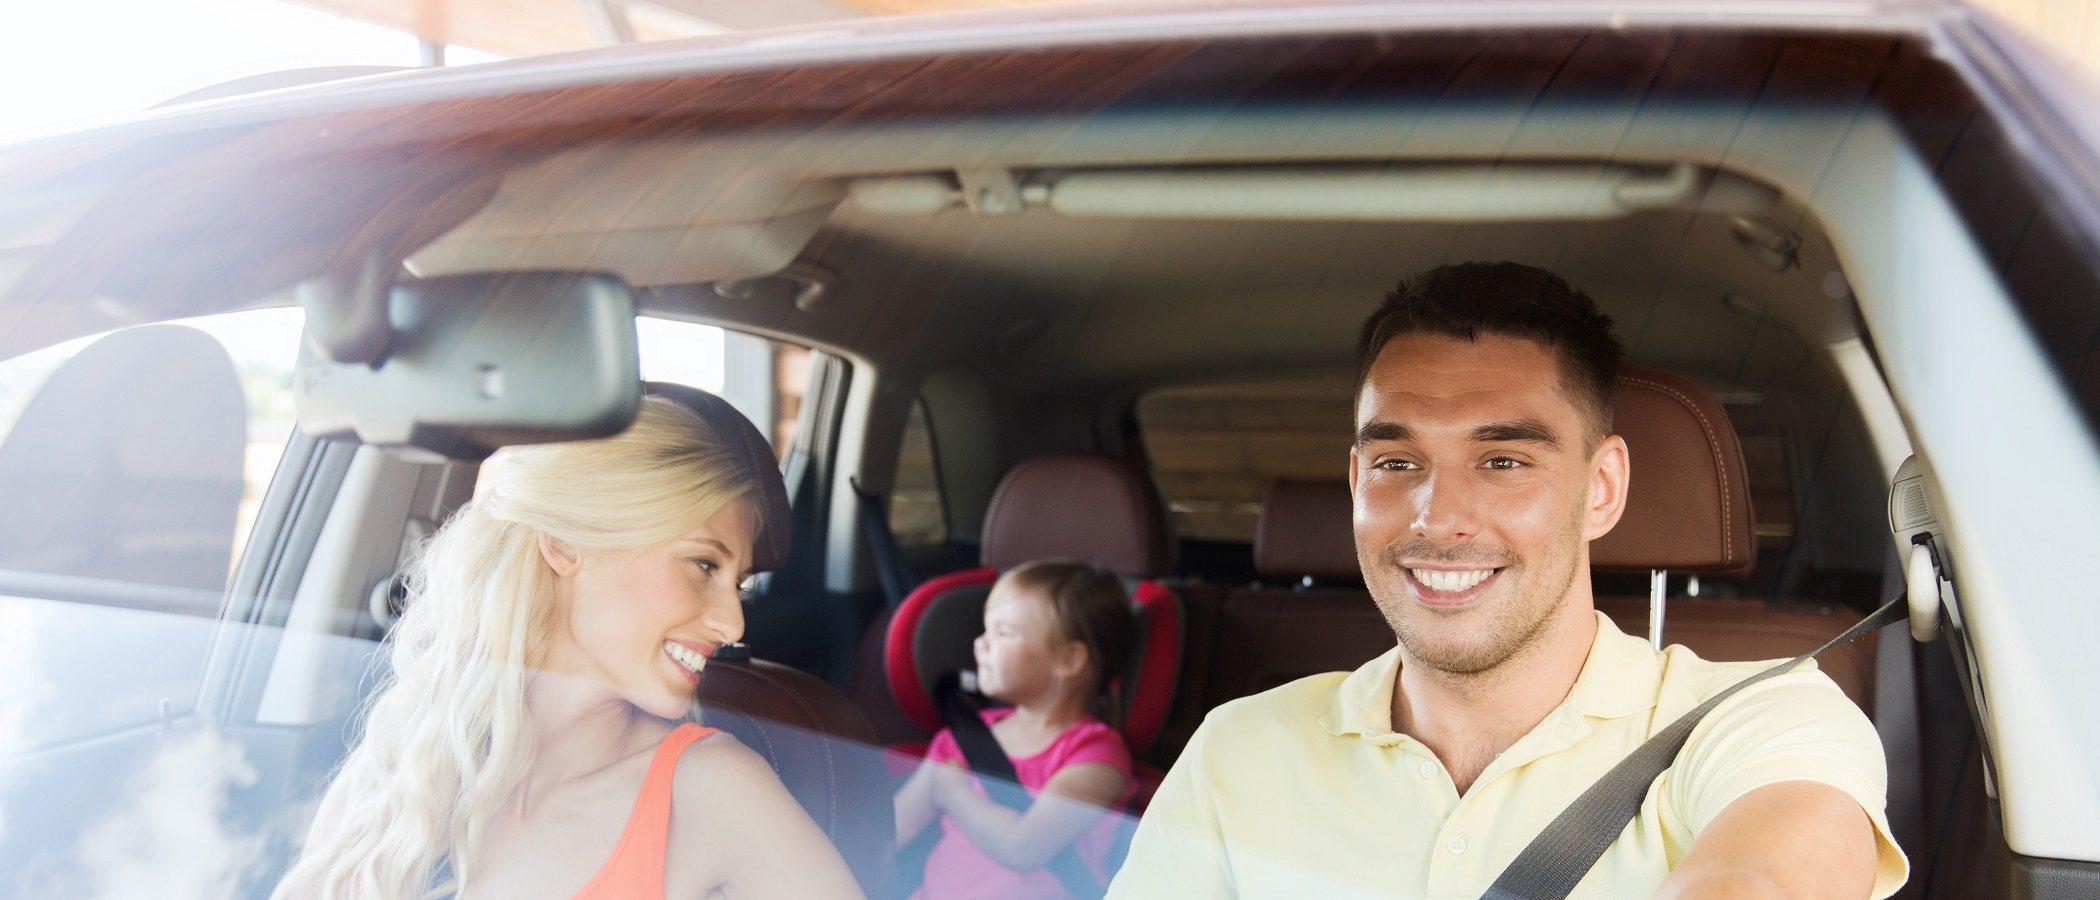 Qué tienes que saber antes de comprar un coche familiar